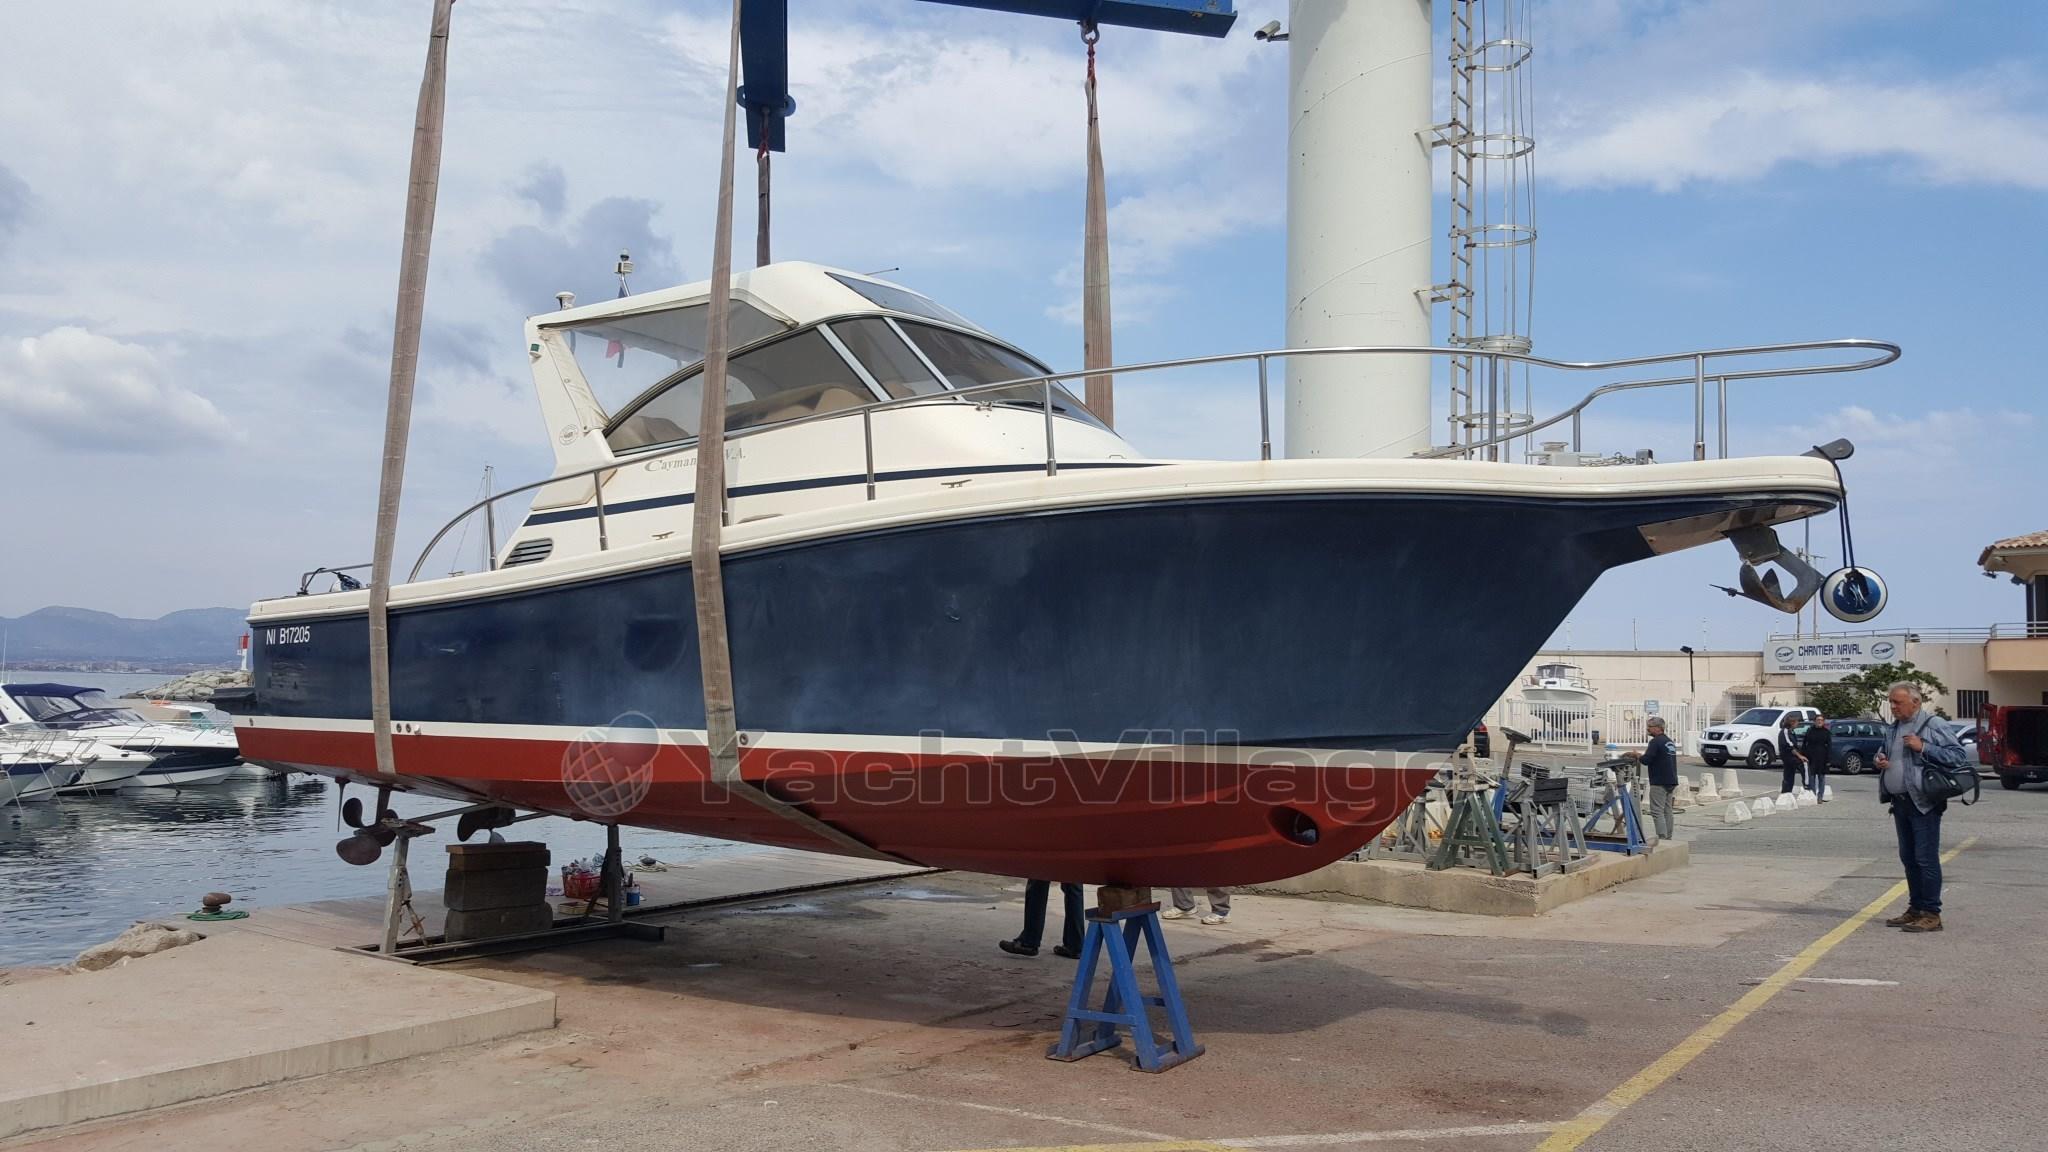 bateau_cayman-cayman-30-wa_4314851.jpg